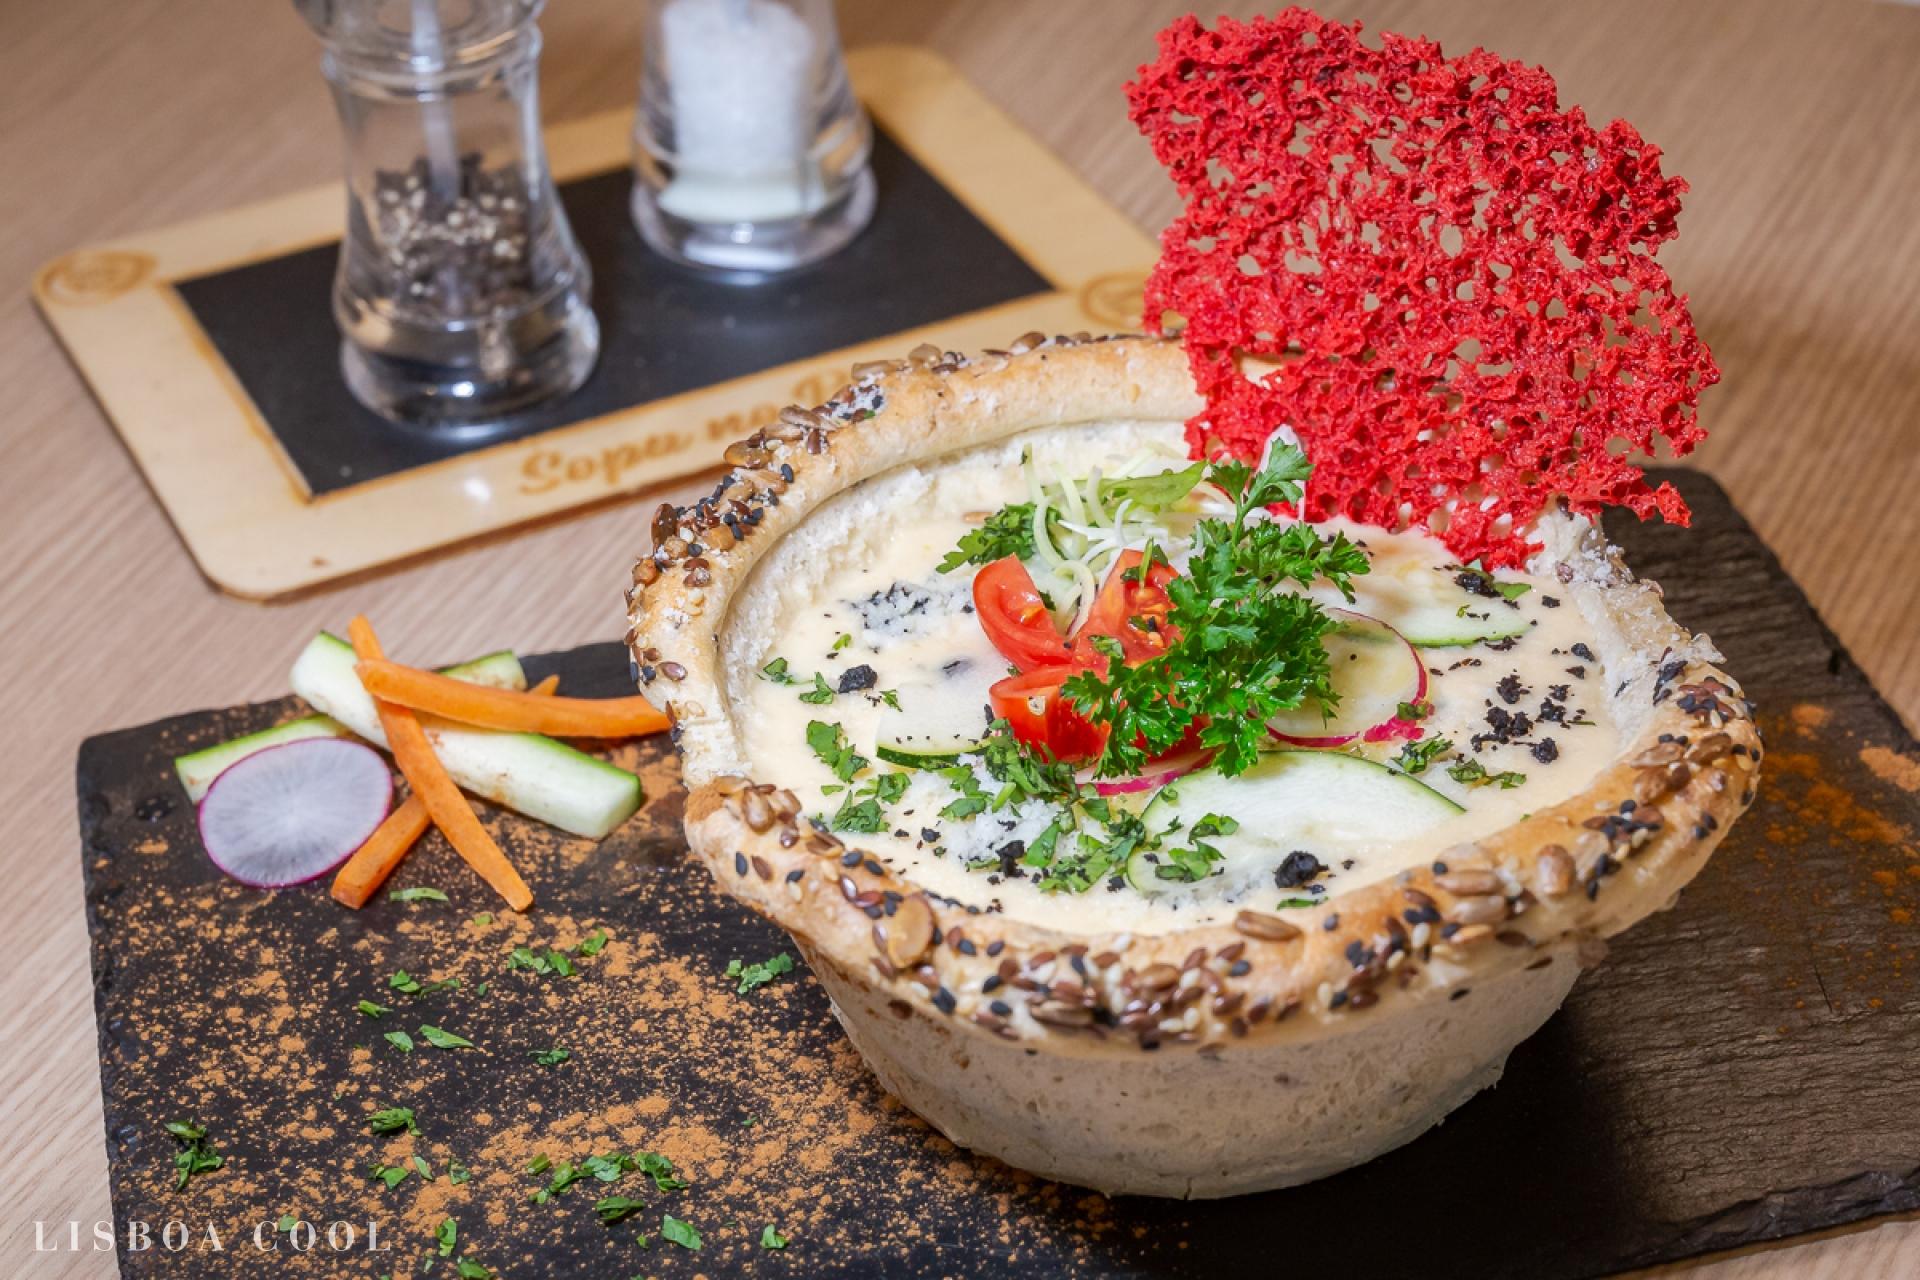 Lisboa Cool_Comer_Restaurante_Sopa no Pão